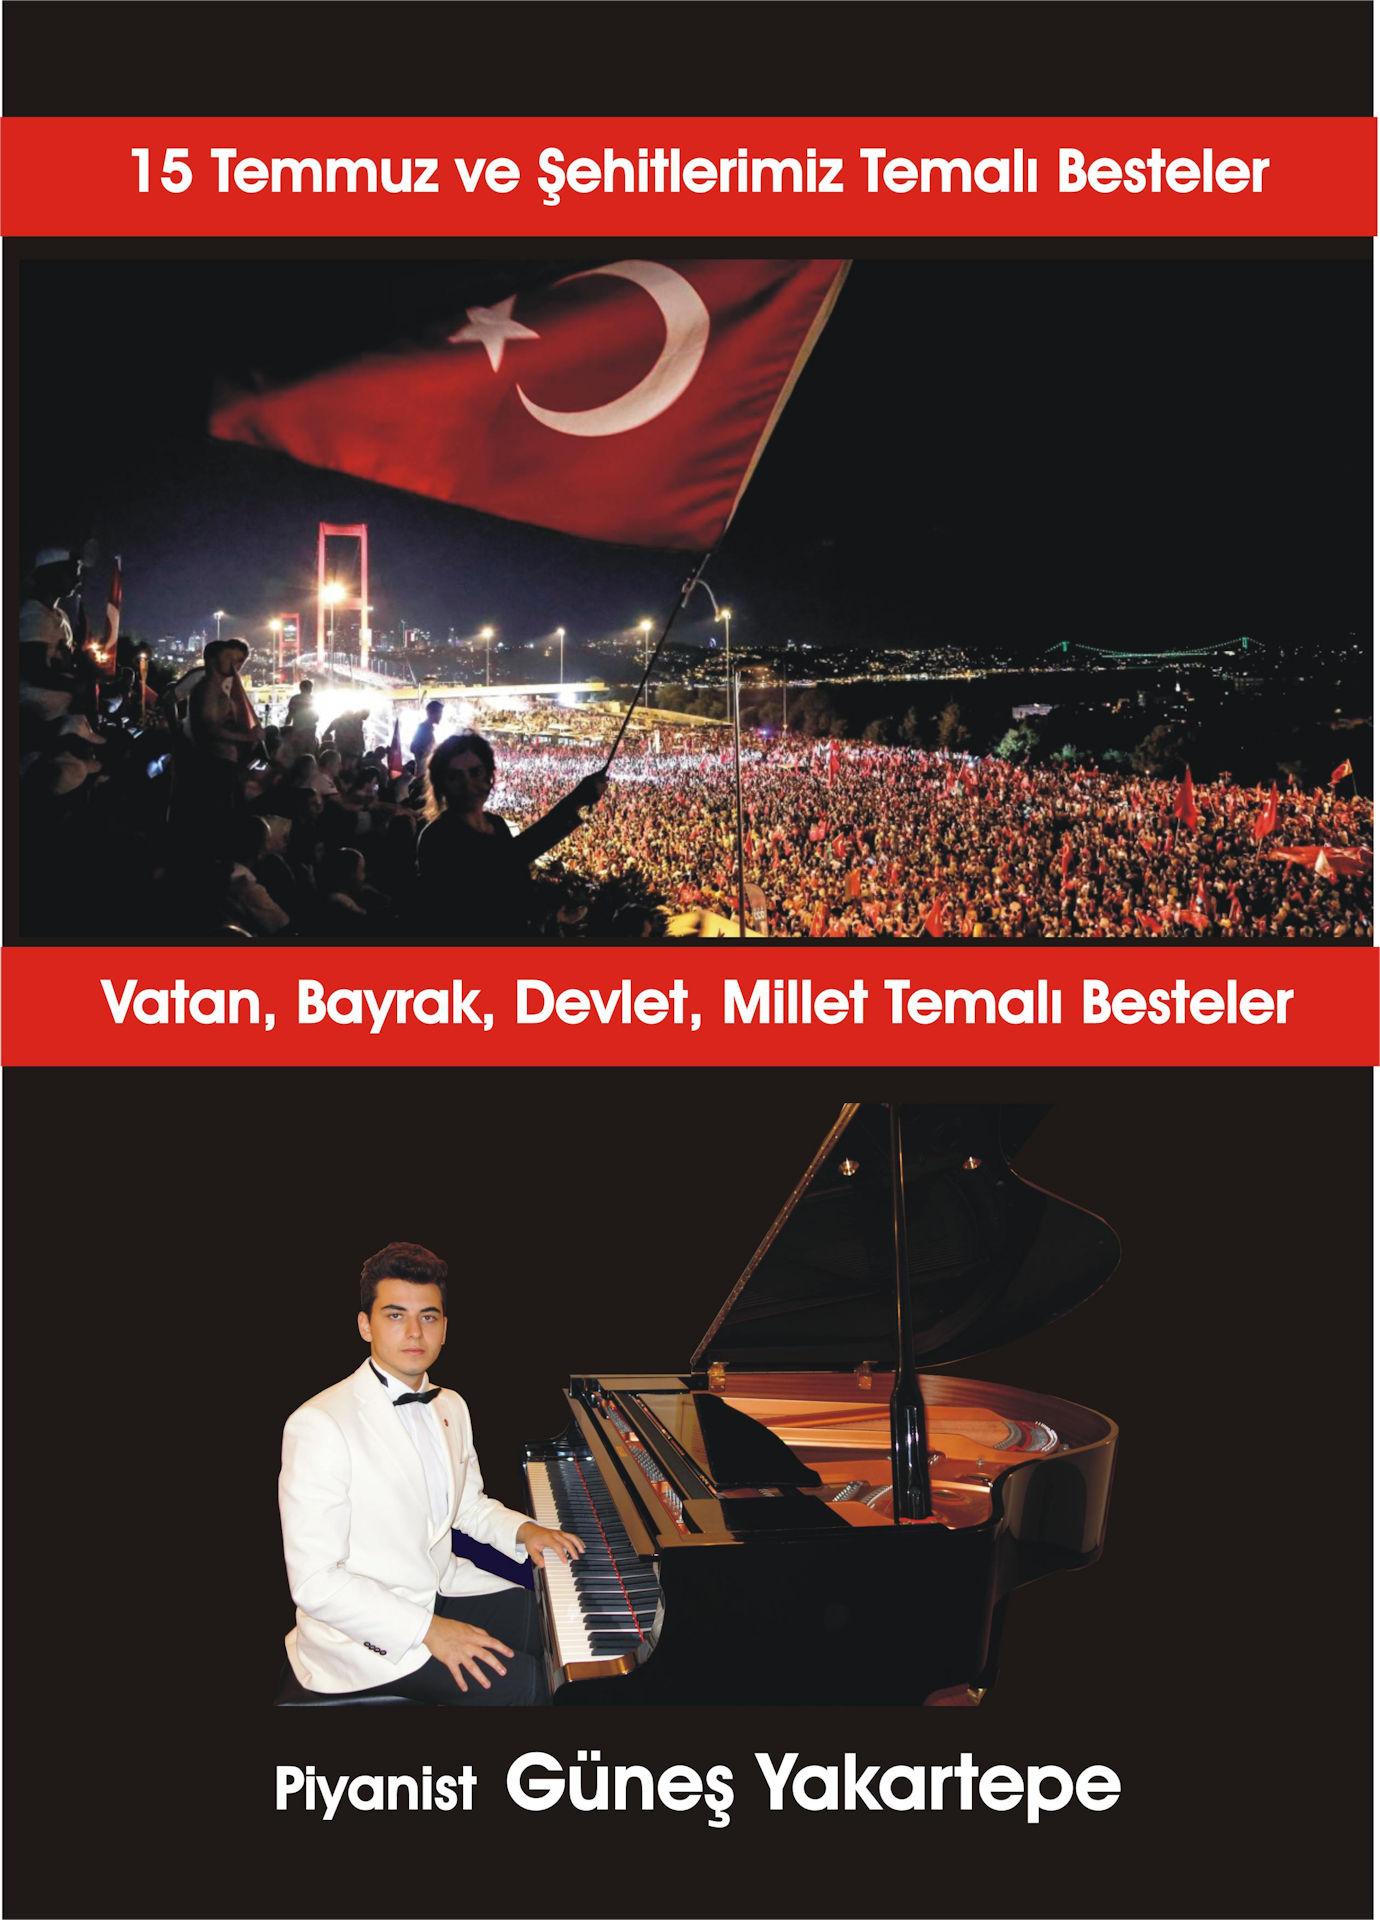 Nota Şiir Kitabı ÖN KAPAK 15 Temmuz Bayrak VatanÜlkeYurt Millet Türkiye Şiirleri Besteleri Notaları Kitap.Yeni Şair Besteci Güneş Yakartepe